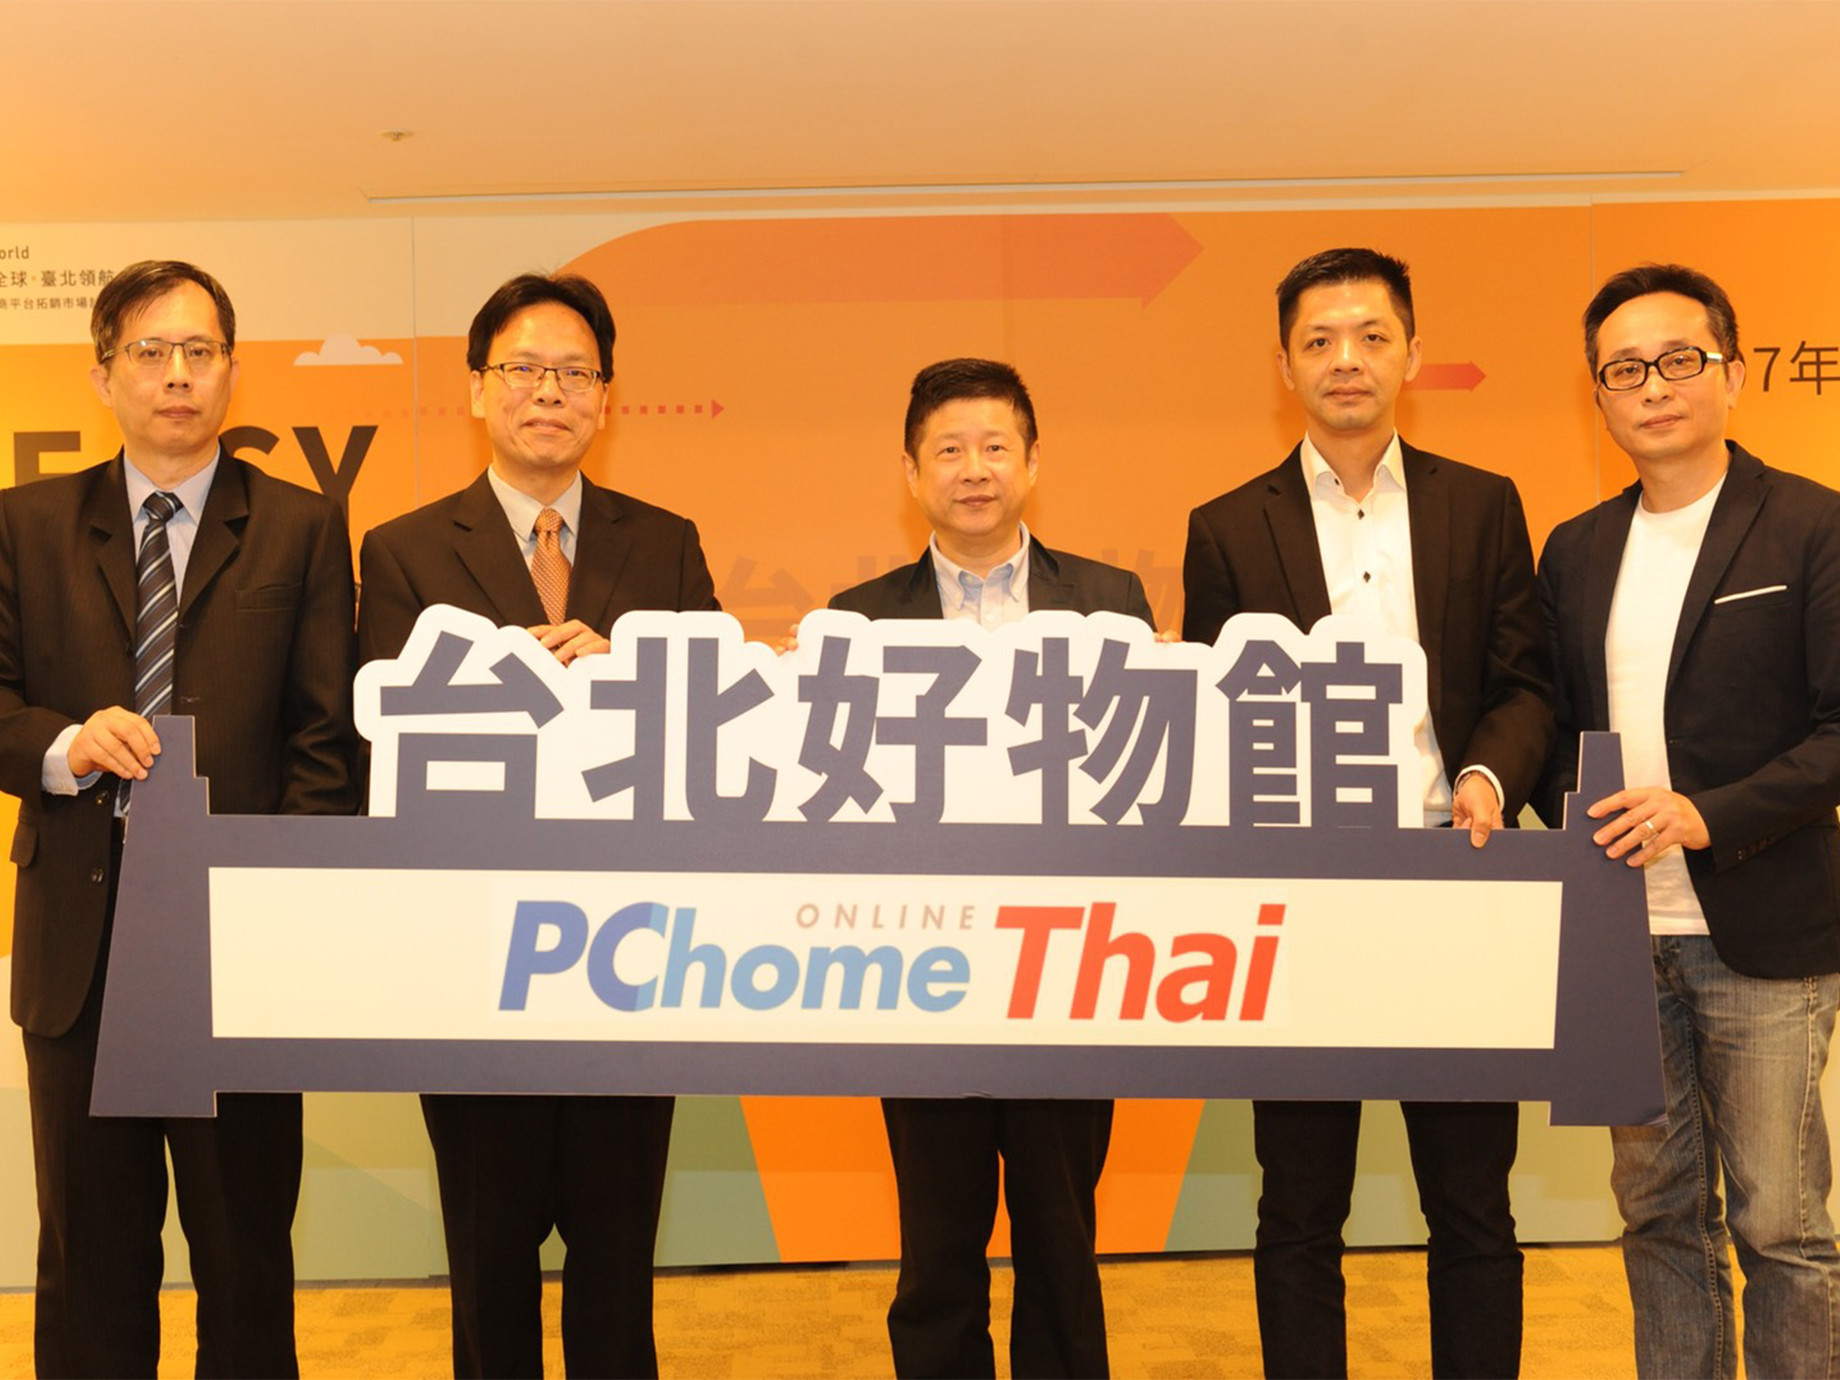 北市府攜手PChome Thai設立「台北好物館」,要帶台灣中小企業南向插旗泰國